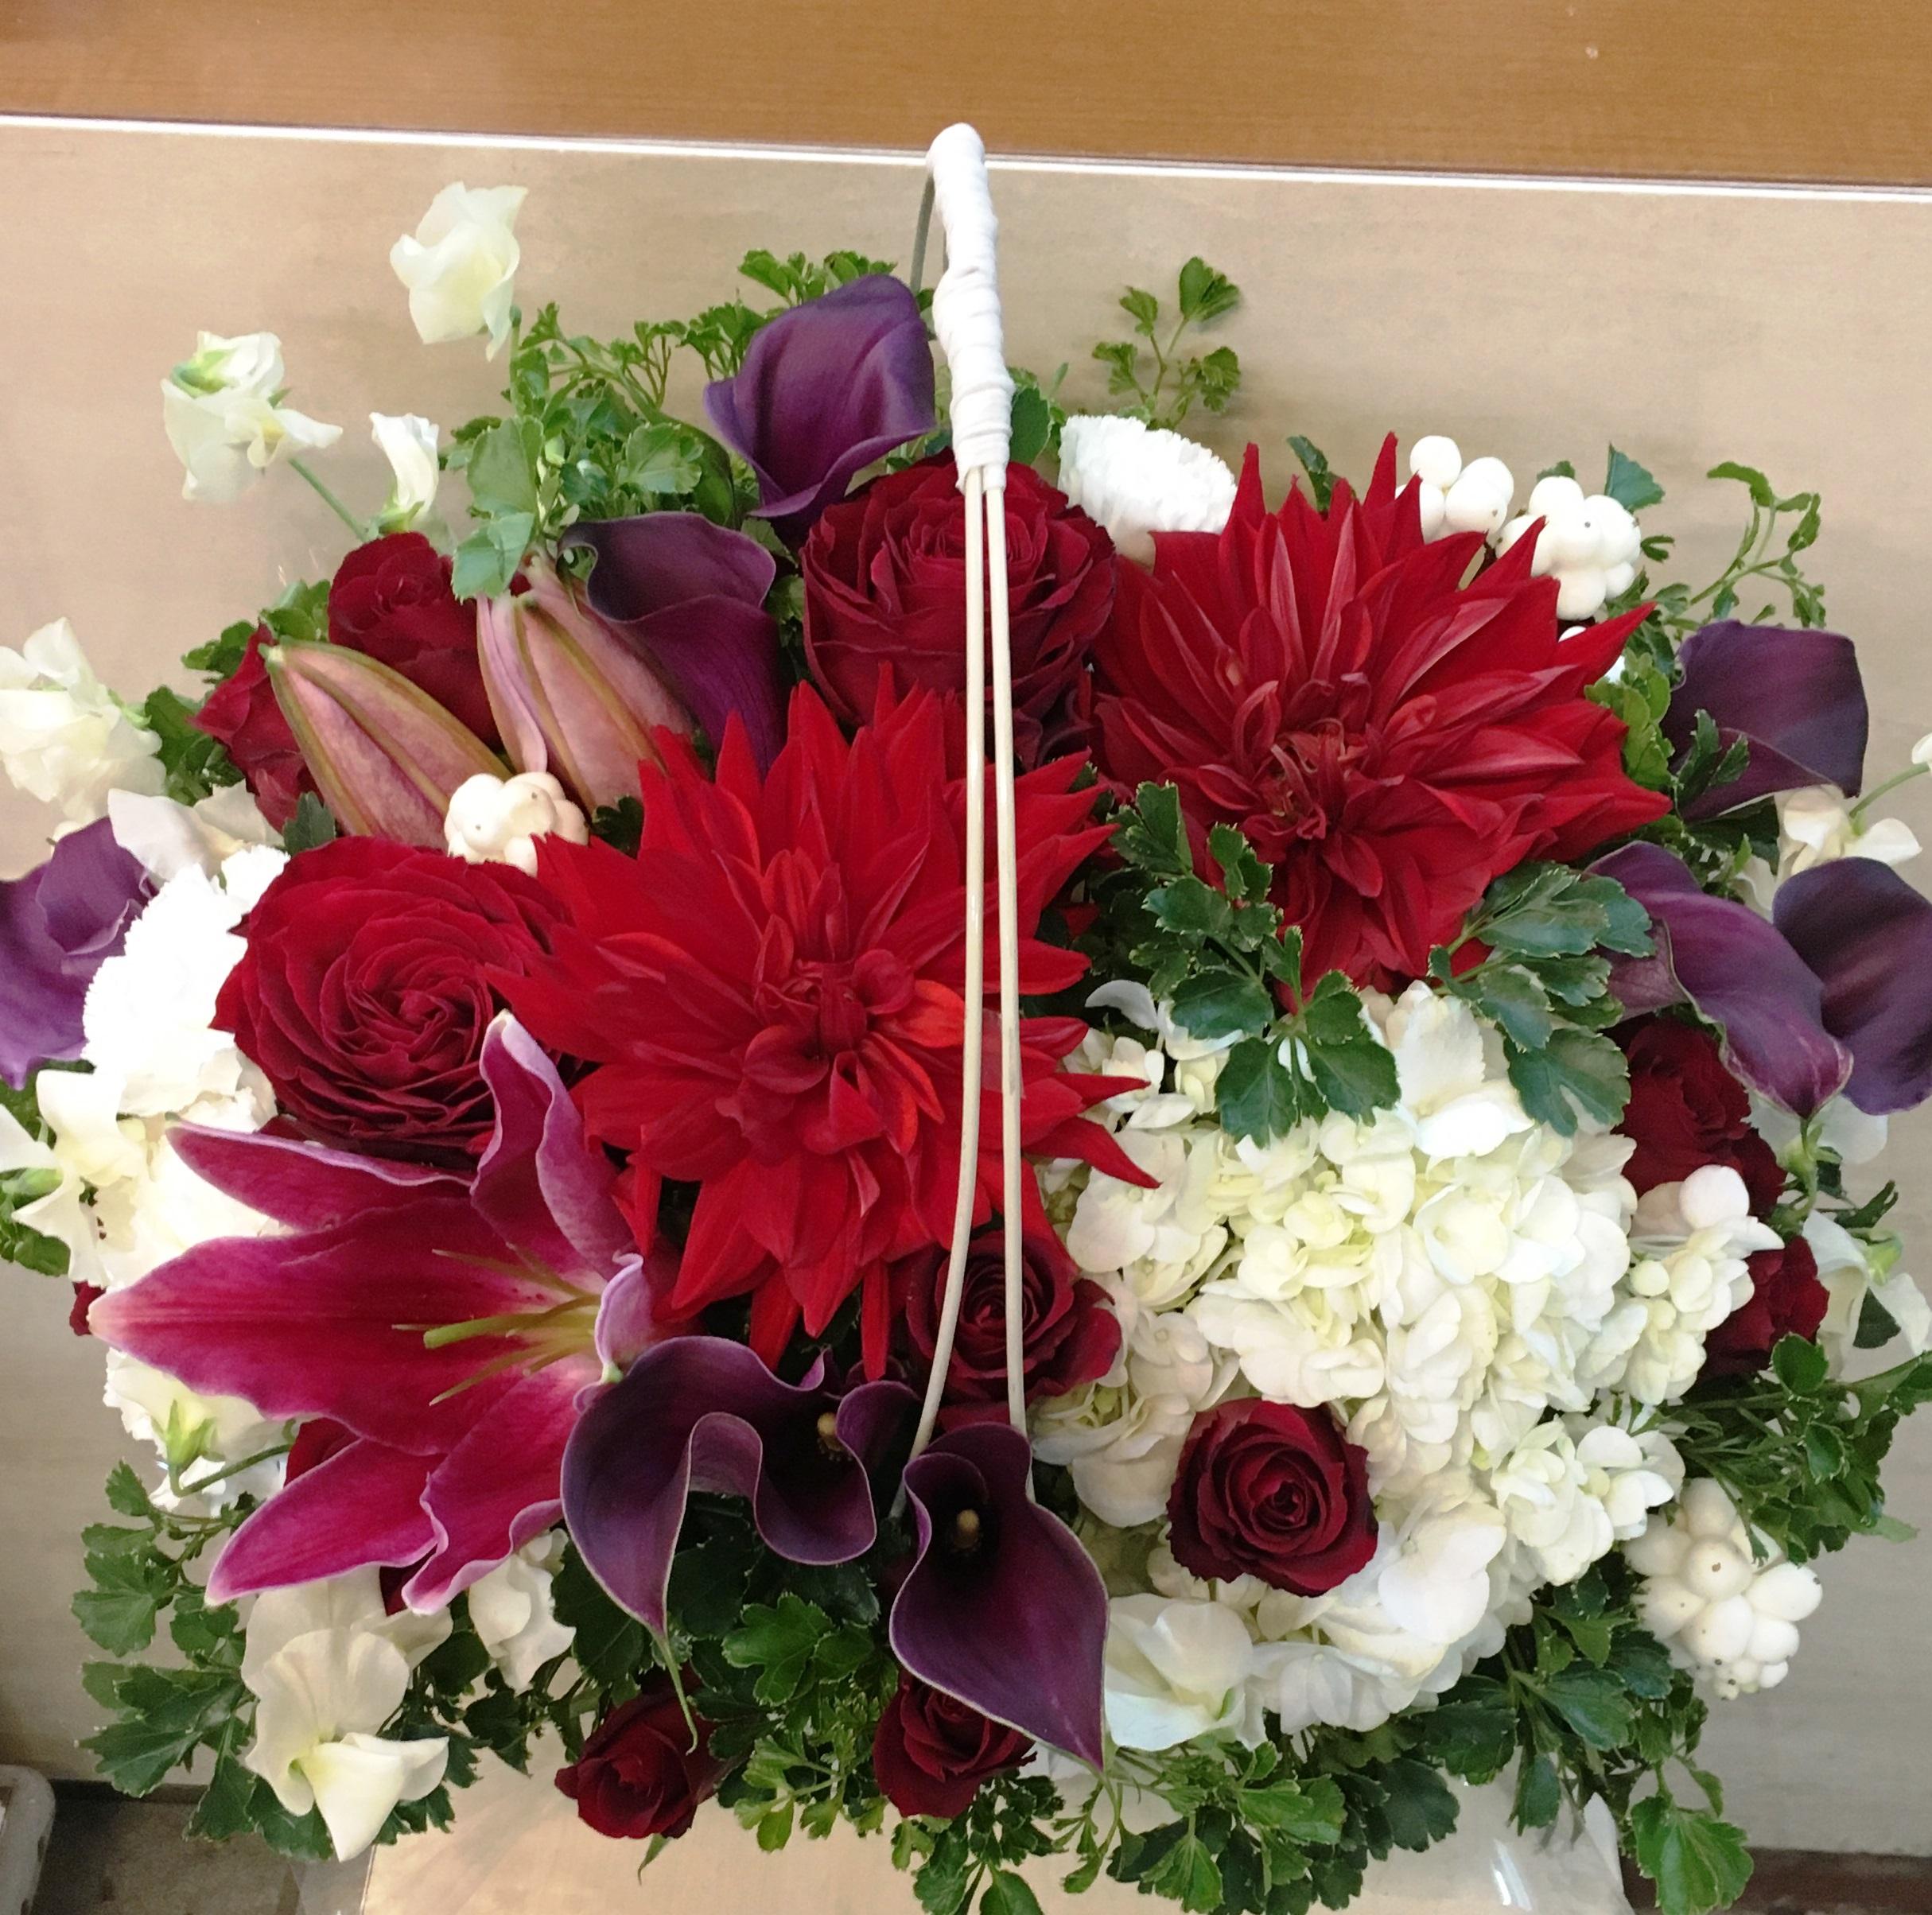 【ナオ花屋の納品事例188】横浜市関内尾上町の法人企業様へスタンド花を配達しました!